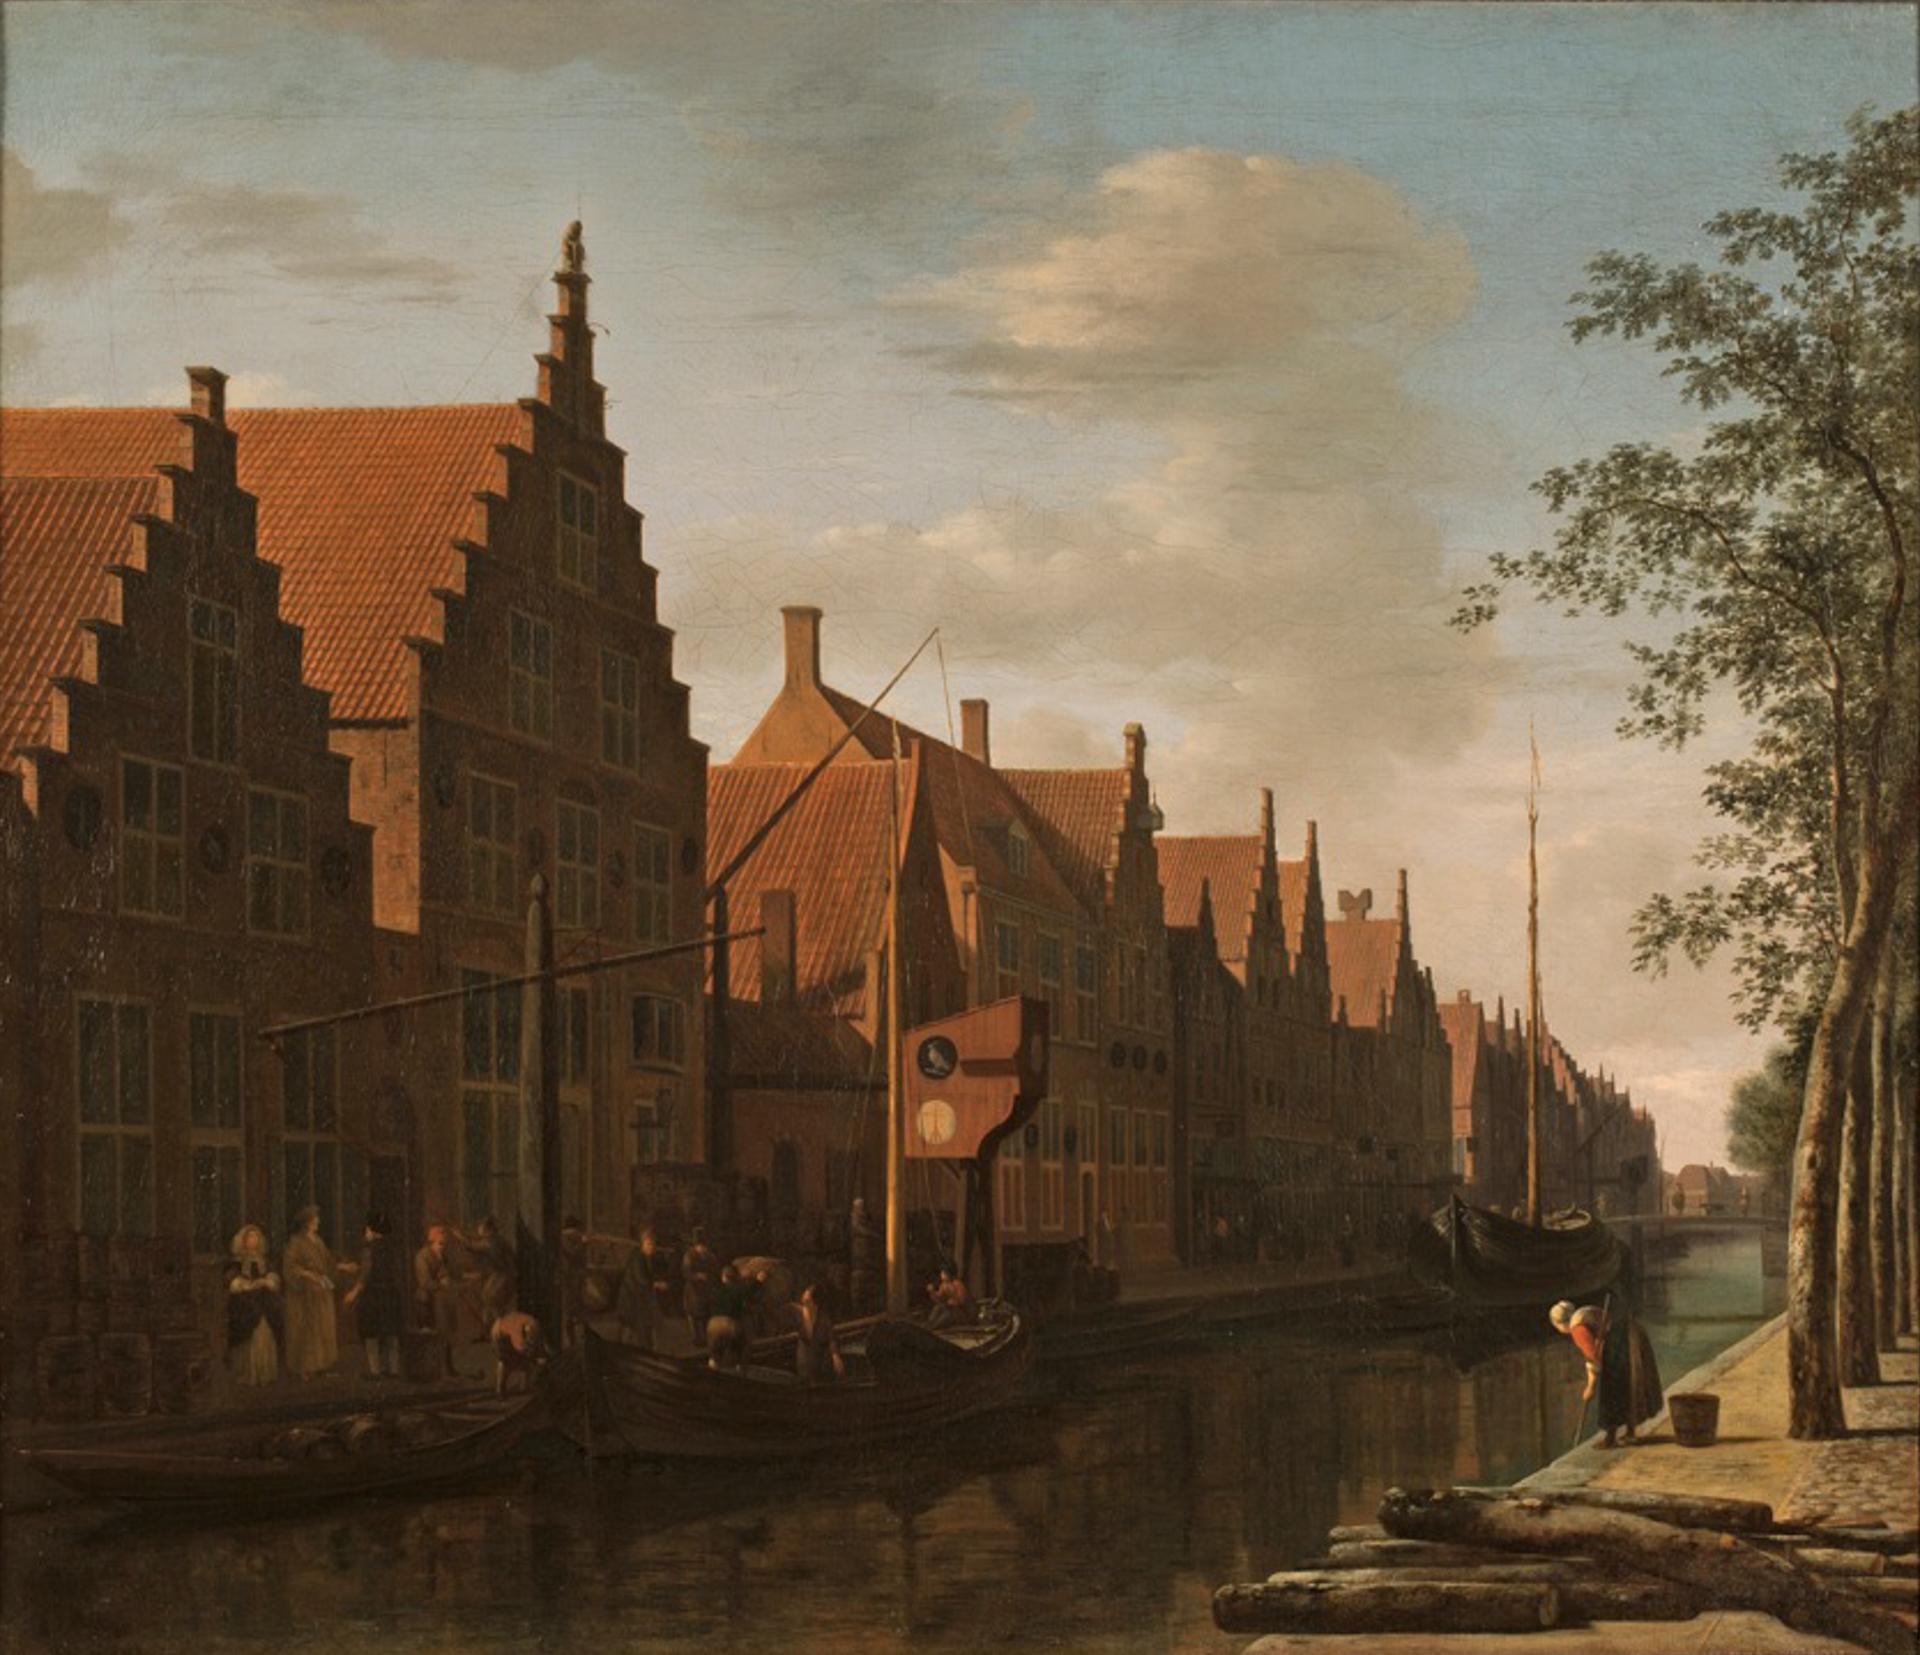 <p>Gezicht op de Bakenessergracht met de brouwerij De Passer en De Valk, Gerrit Adriaensz Berckheyde, 1662, collectie Frans Hals Museum</p>